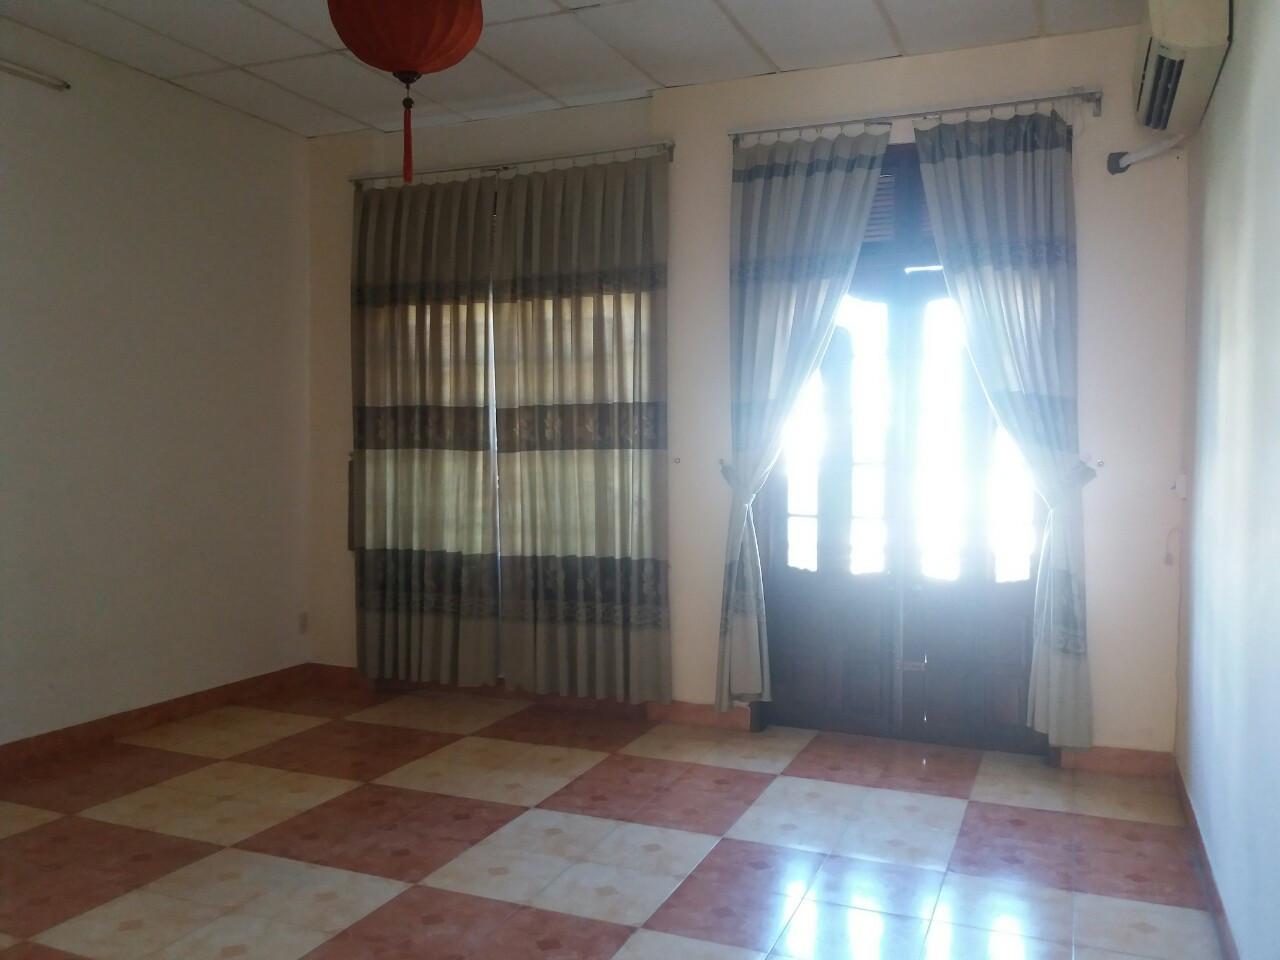 Cần cho thuê nhà nguyên căn mặt tiền đường Phạm Tu, quận Sơn Trà, Đà Nẵng, diện tích 100m2